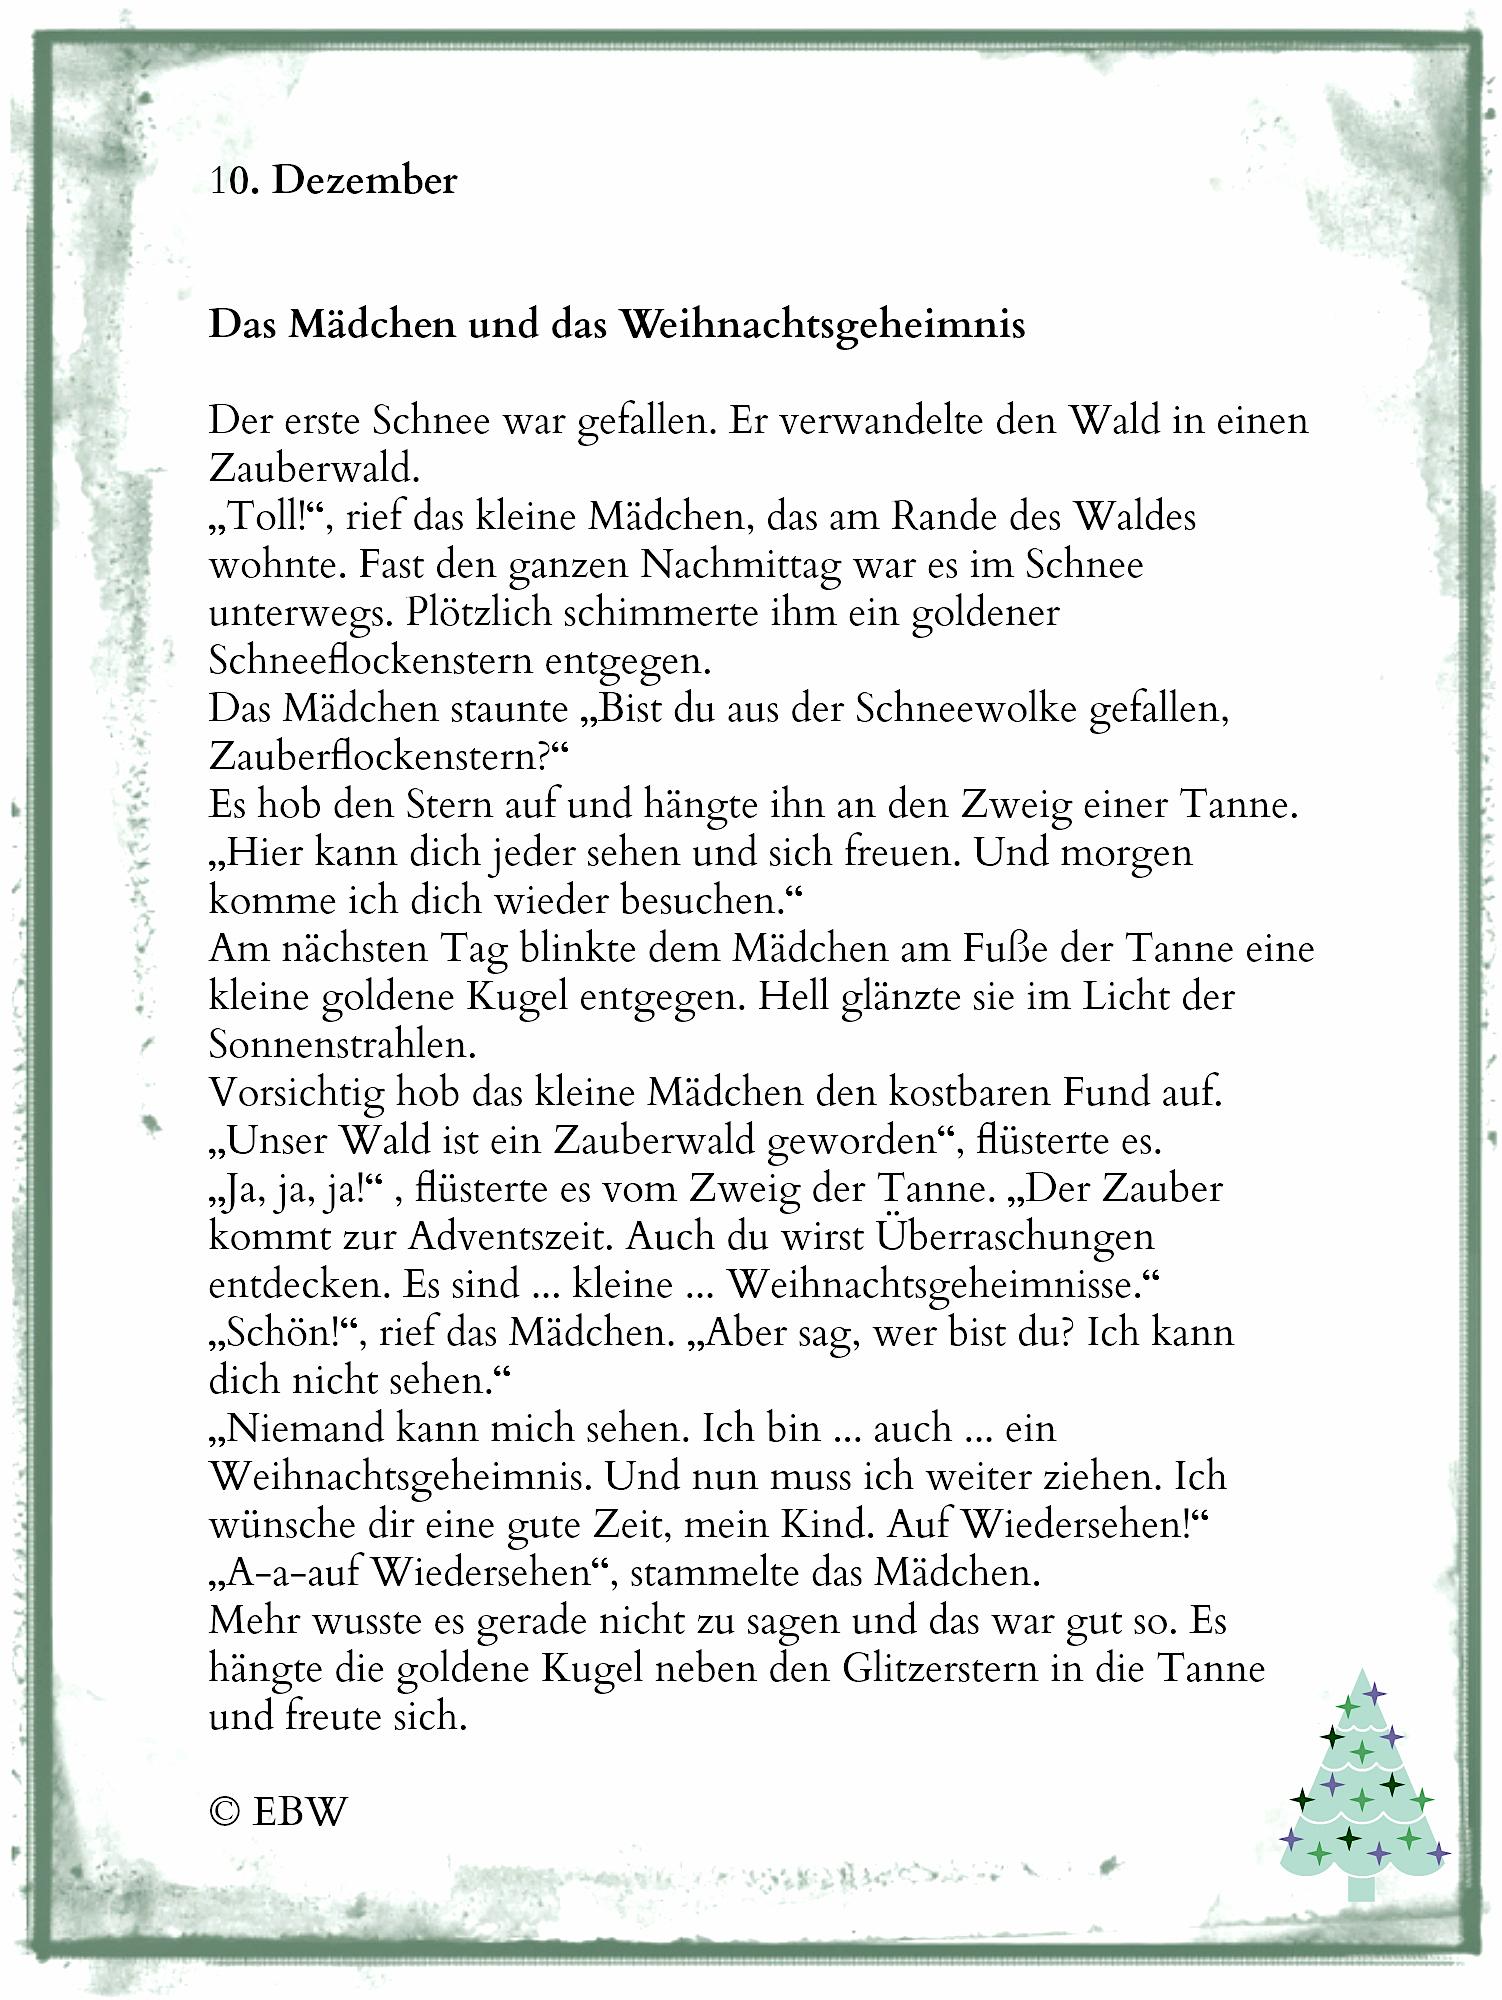 Weihnachtsgedichte Modern Lustig.Weihnachten Gedicht Lustig